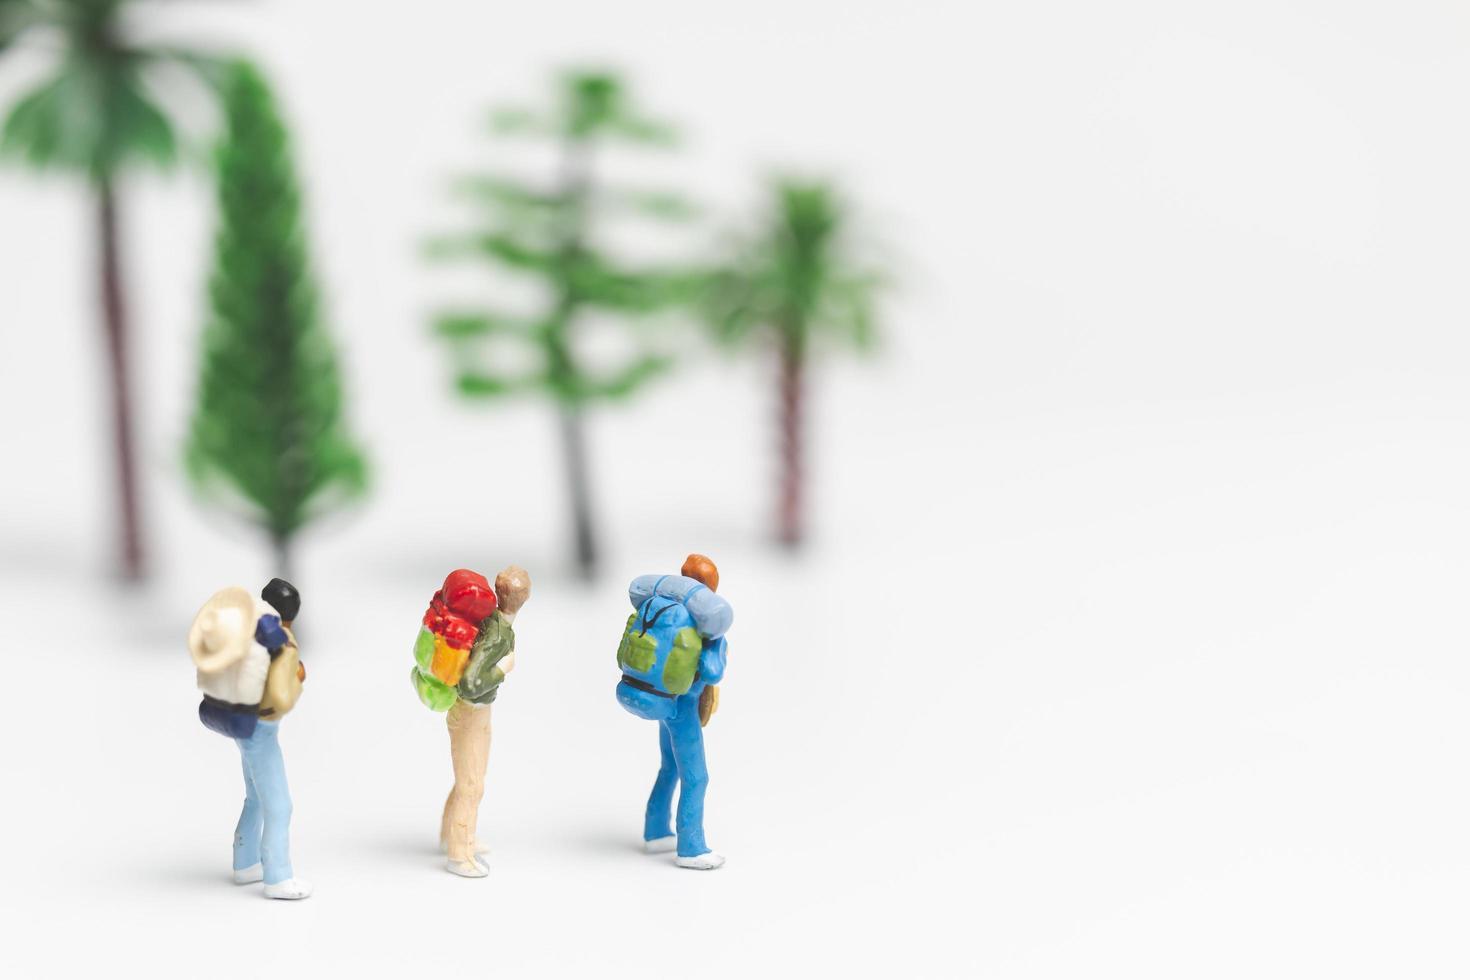 miniatyrresenärer med ryggsäckar som går på en vit bakgrund, resor och äventyrskoncept foto